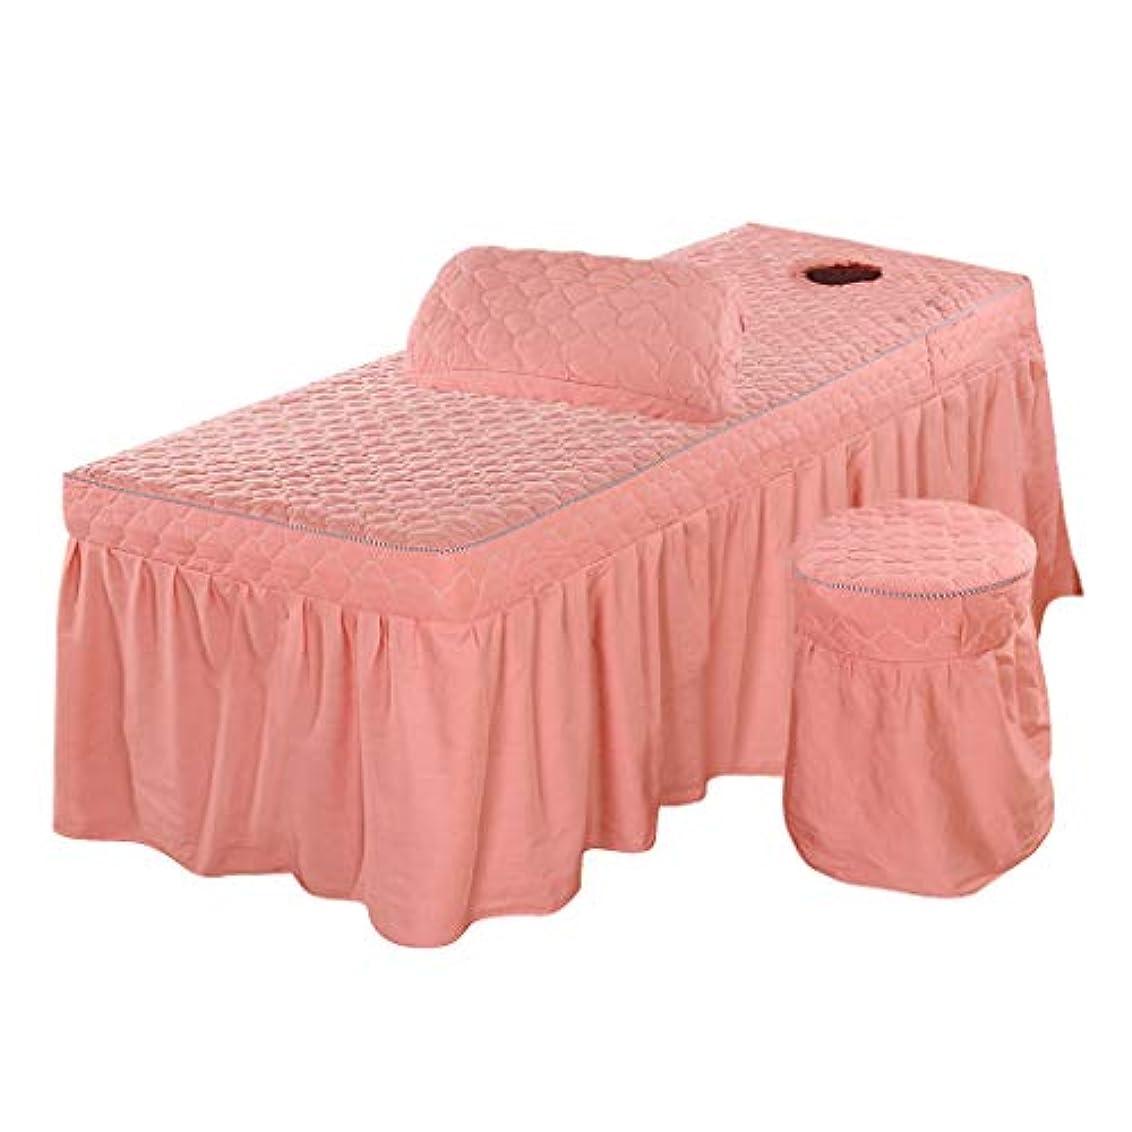 埋め込む石化するそれにもかかわらず3点セット 美容ベッドスカート 有孔 スツールカバー 枕カバー付き 通気性 - ピンク